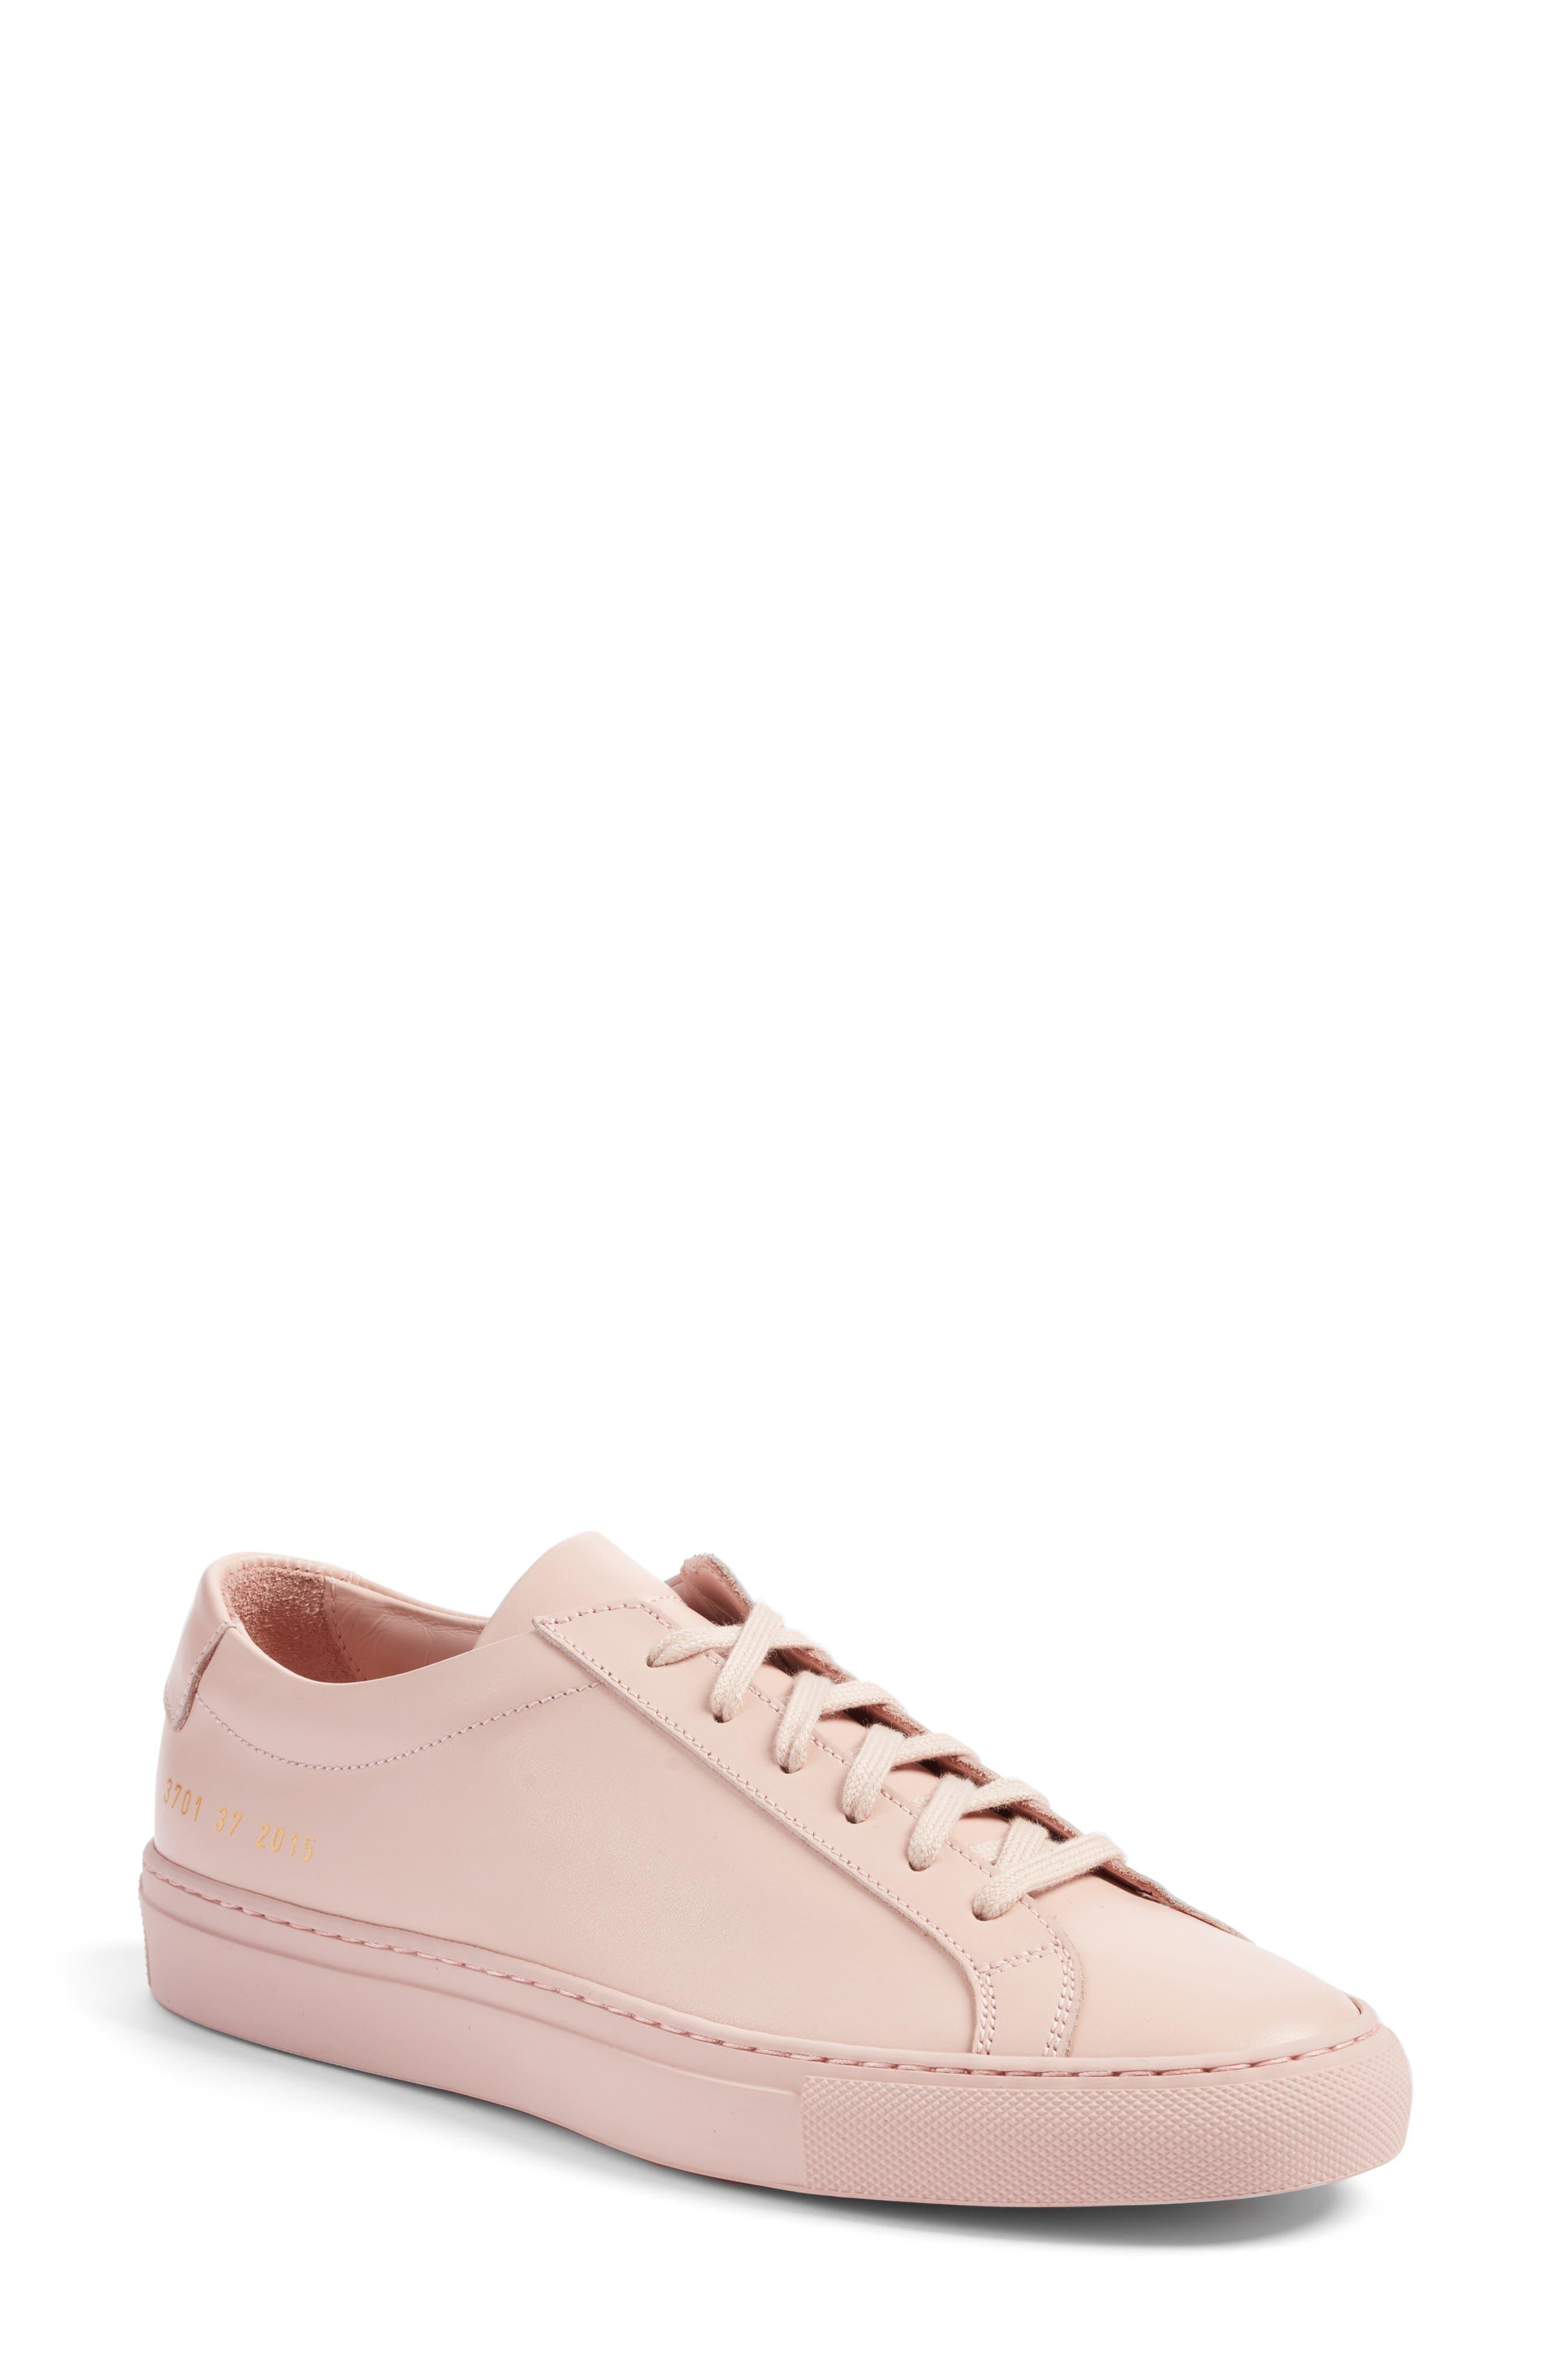 Original Achilles Sneaker,                             Main thumbnail 1, color,                             Blush Leather